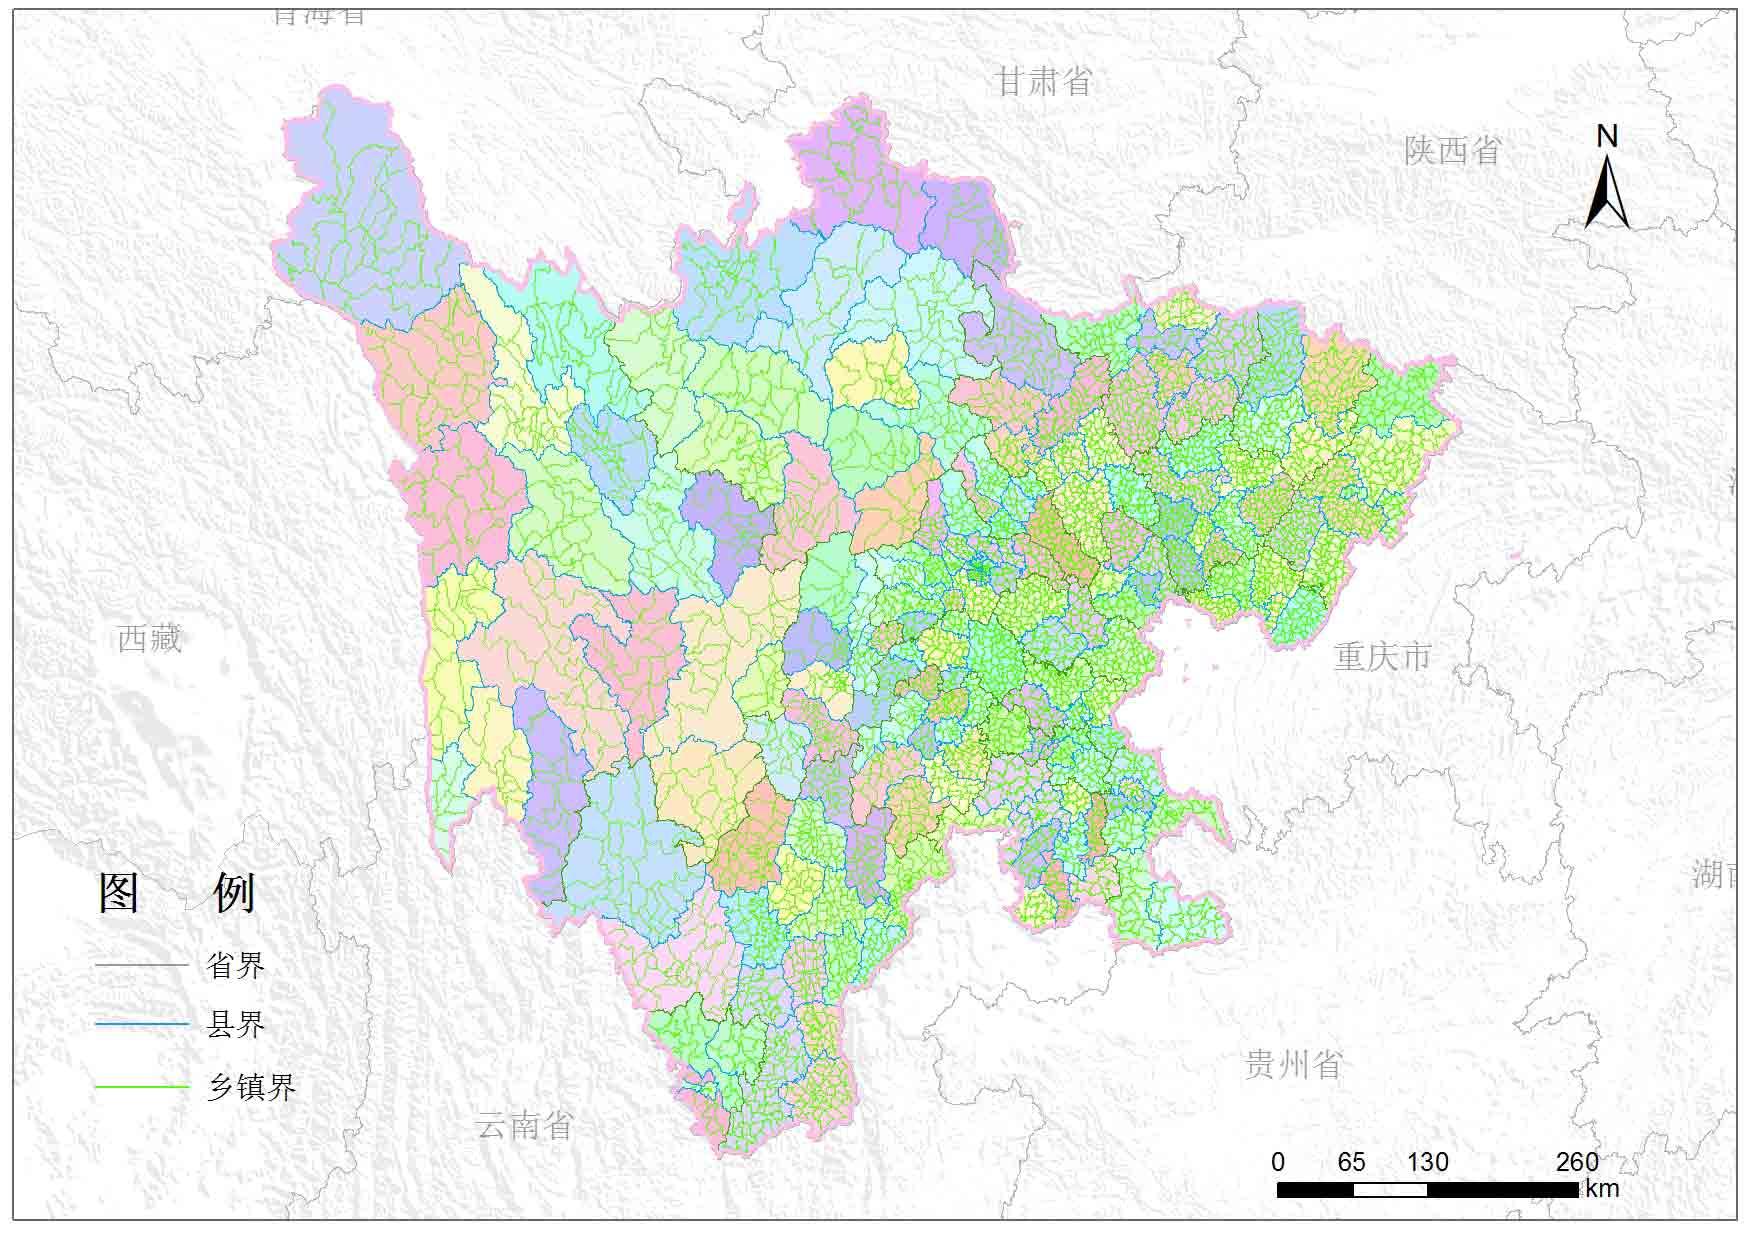 四川省乡镇行政区划-地图数据-地理国情监测云平台